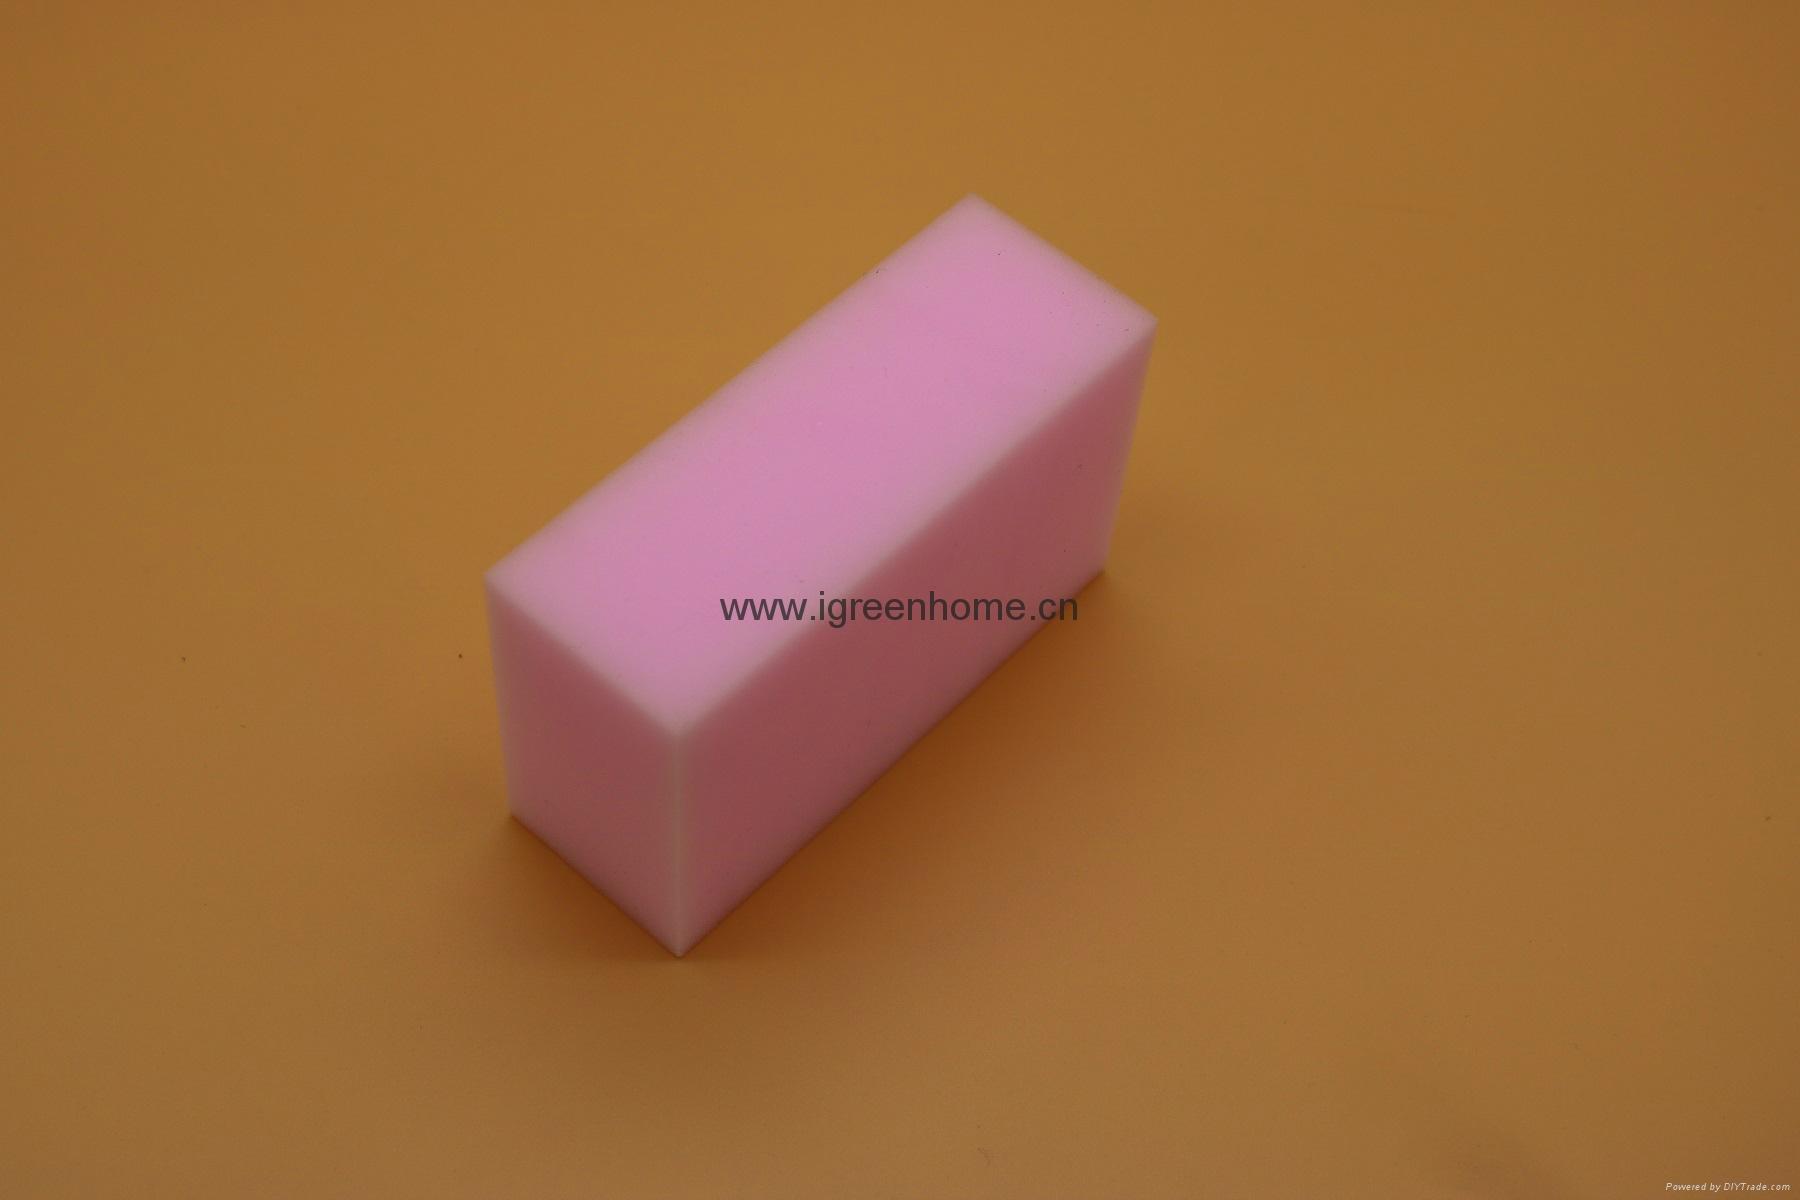 China melamine sponge 5